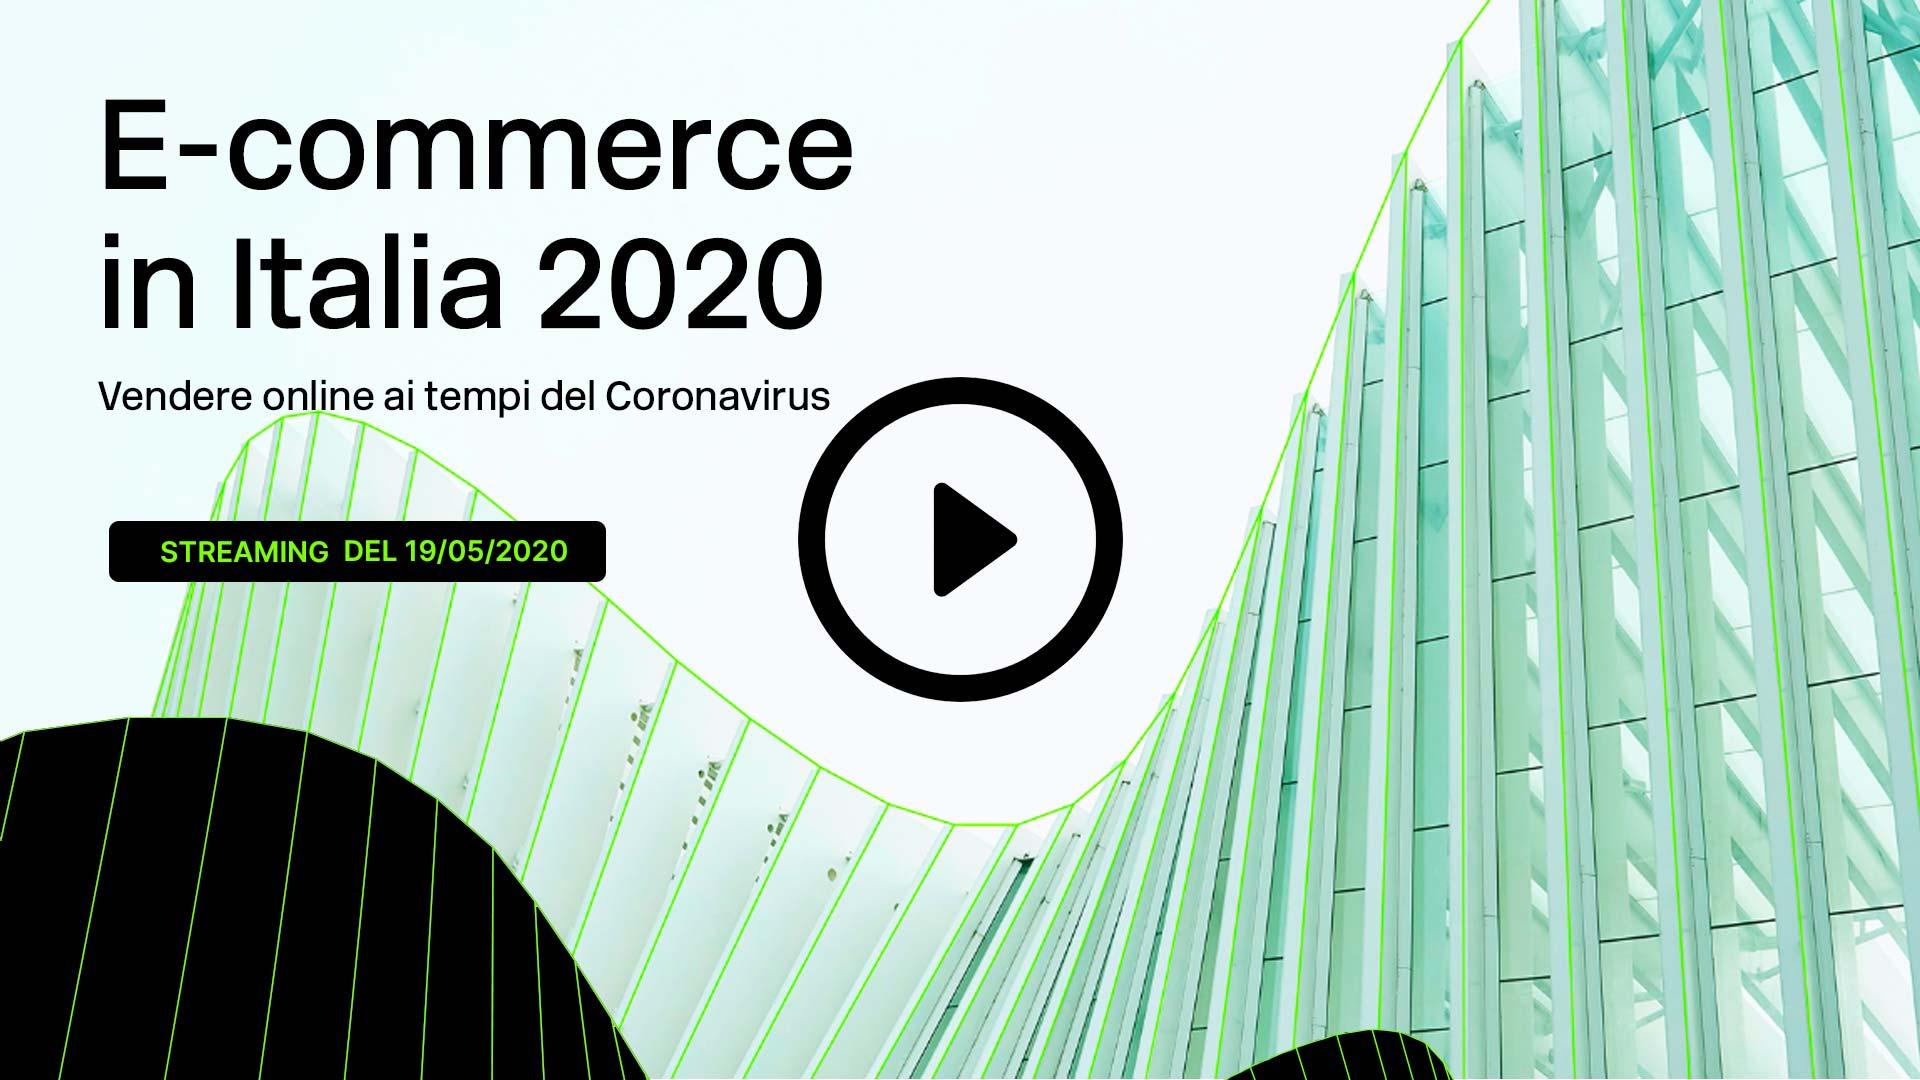 Presentazione - E-commerce in Italia 2020